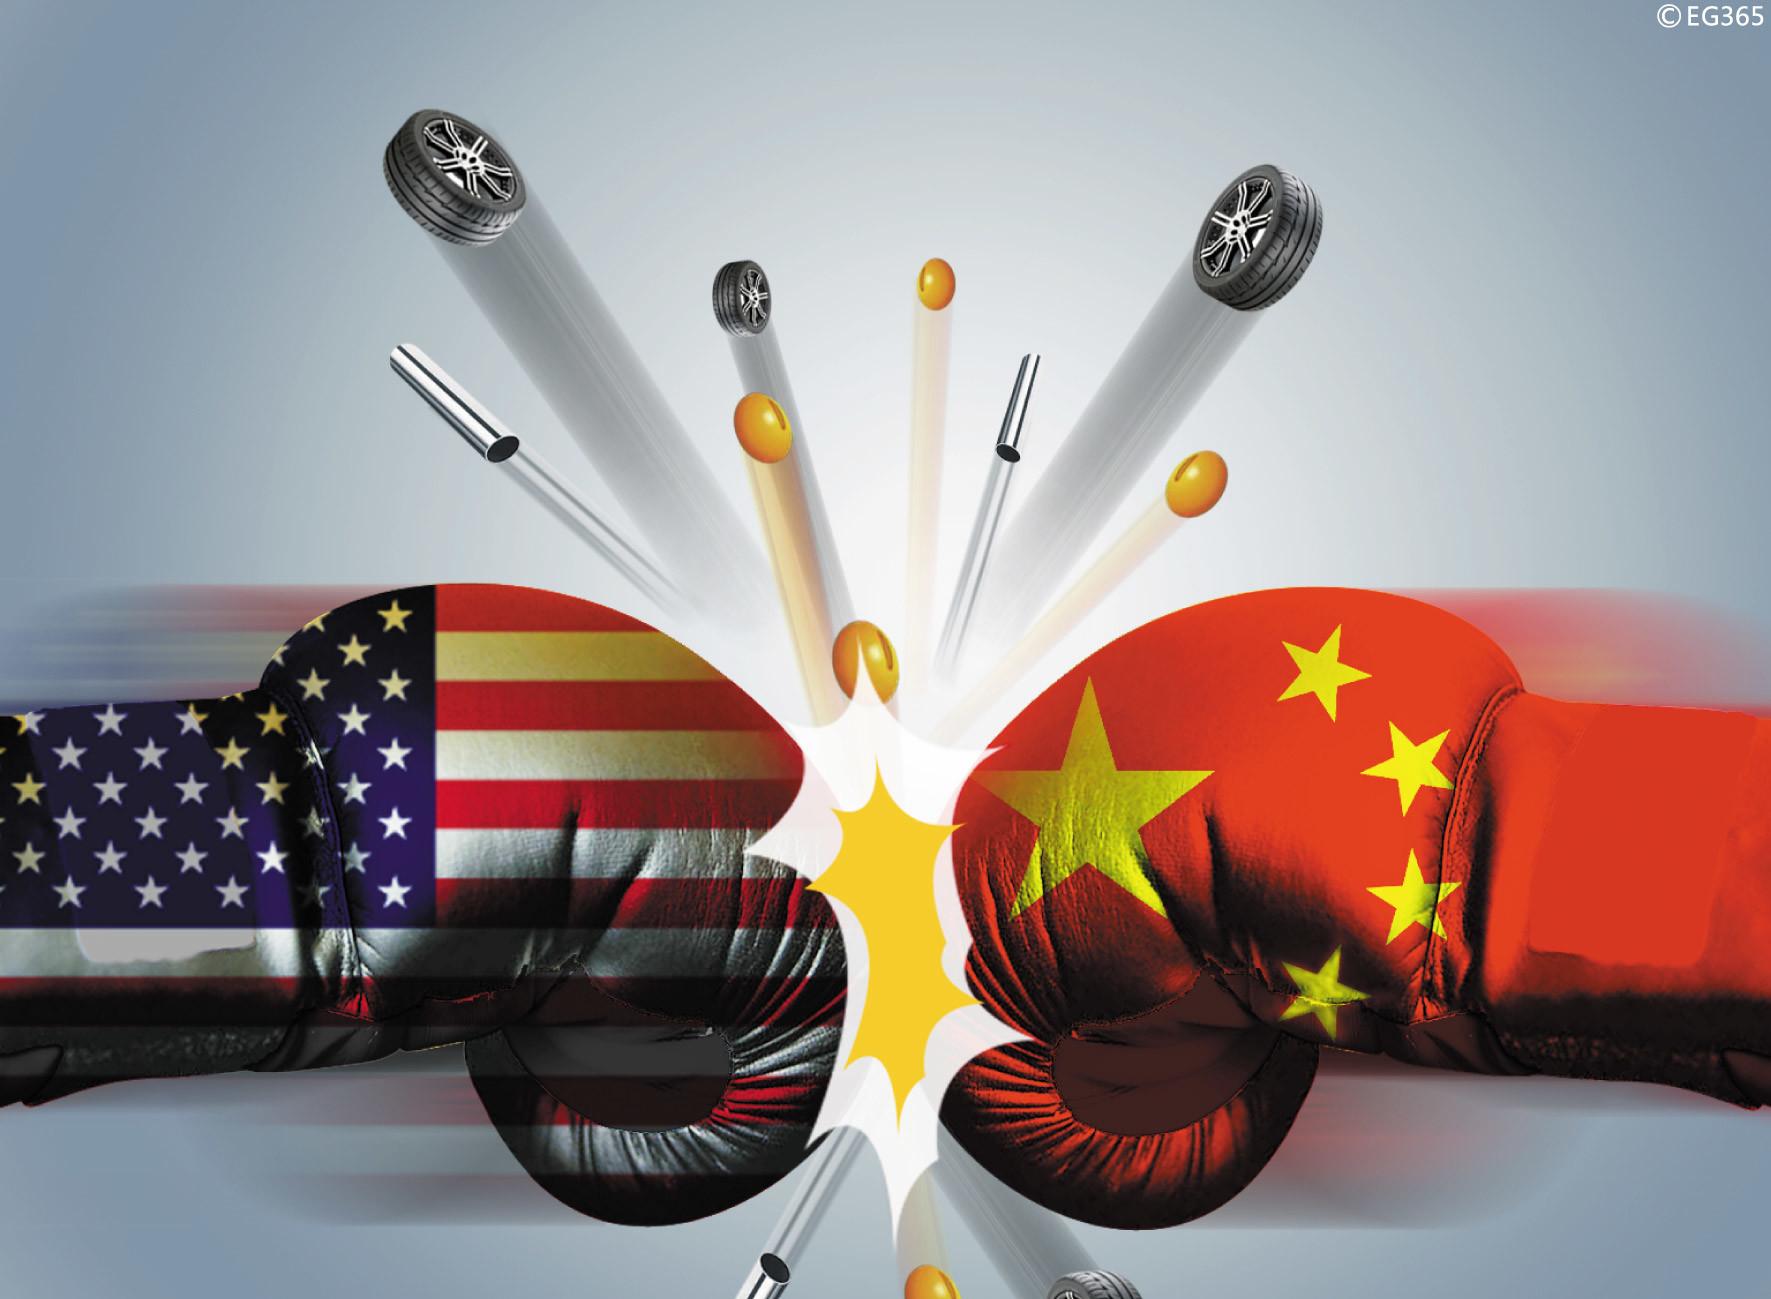 评论丨又在反倾销问题上生事 美国真要和中国打贸易战